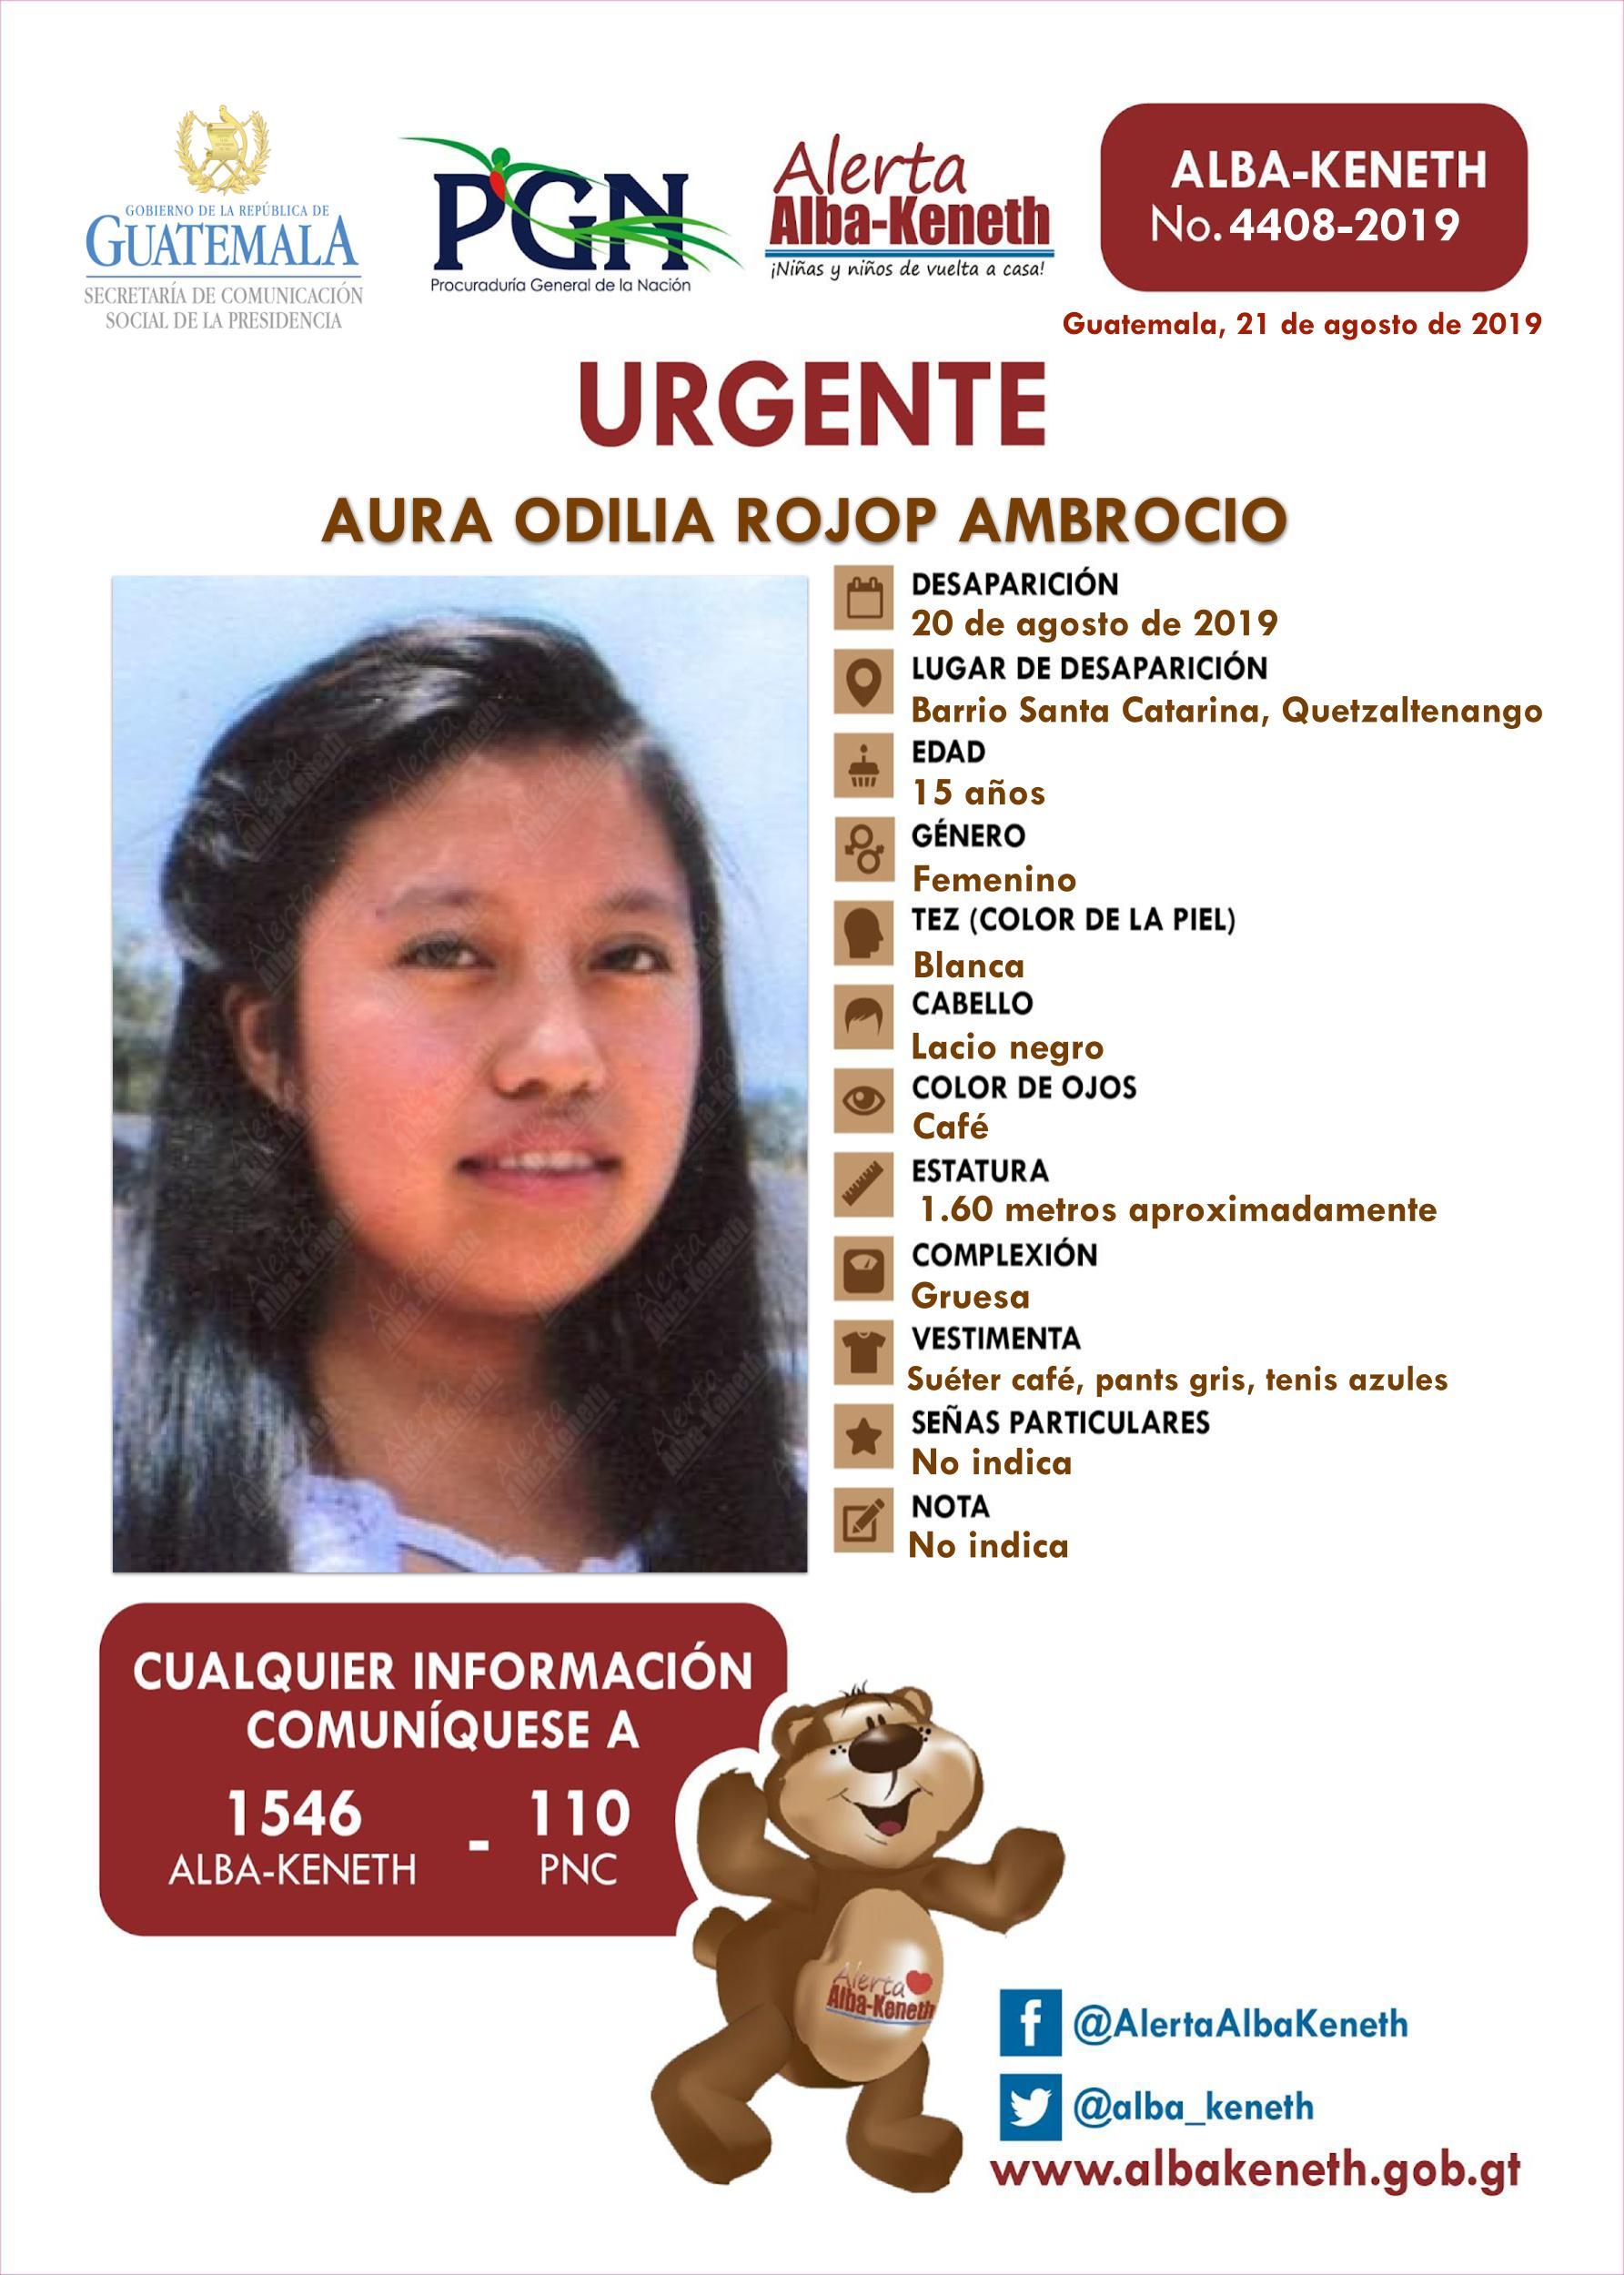 Aura Odilia Rojop Ambrocio